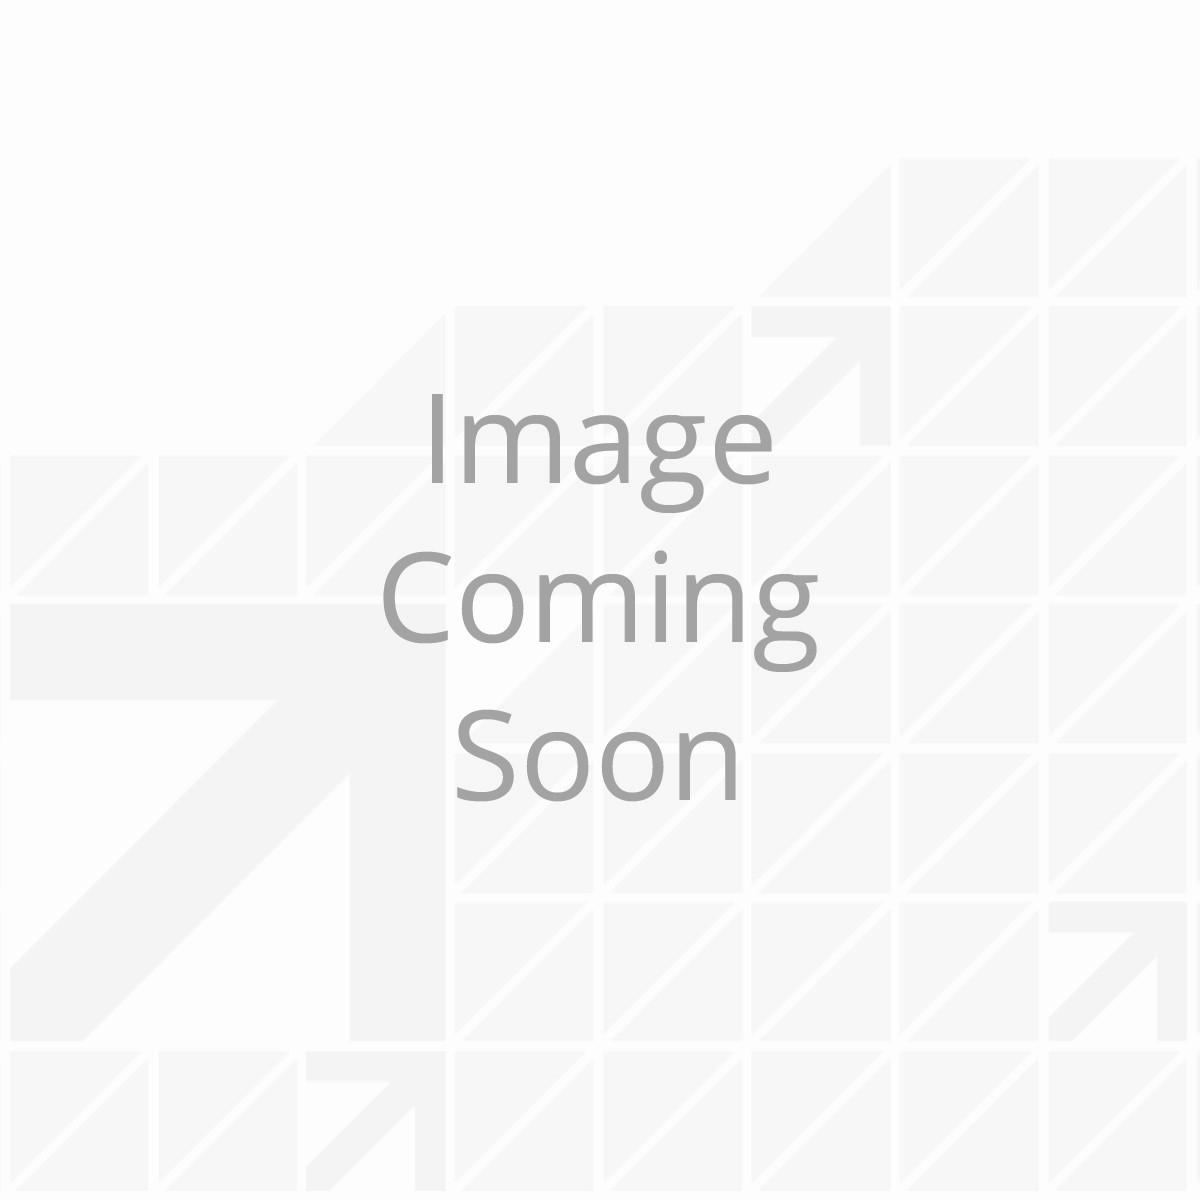 117179_7K-Jack-Assy_001